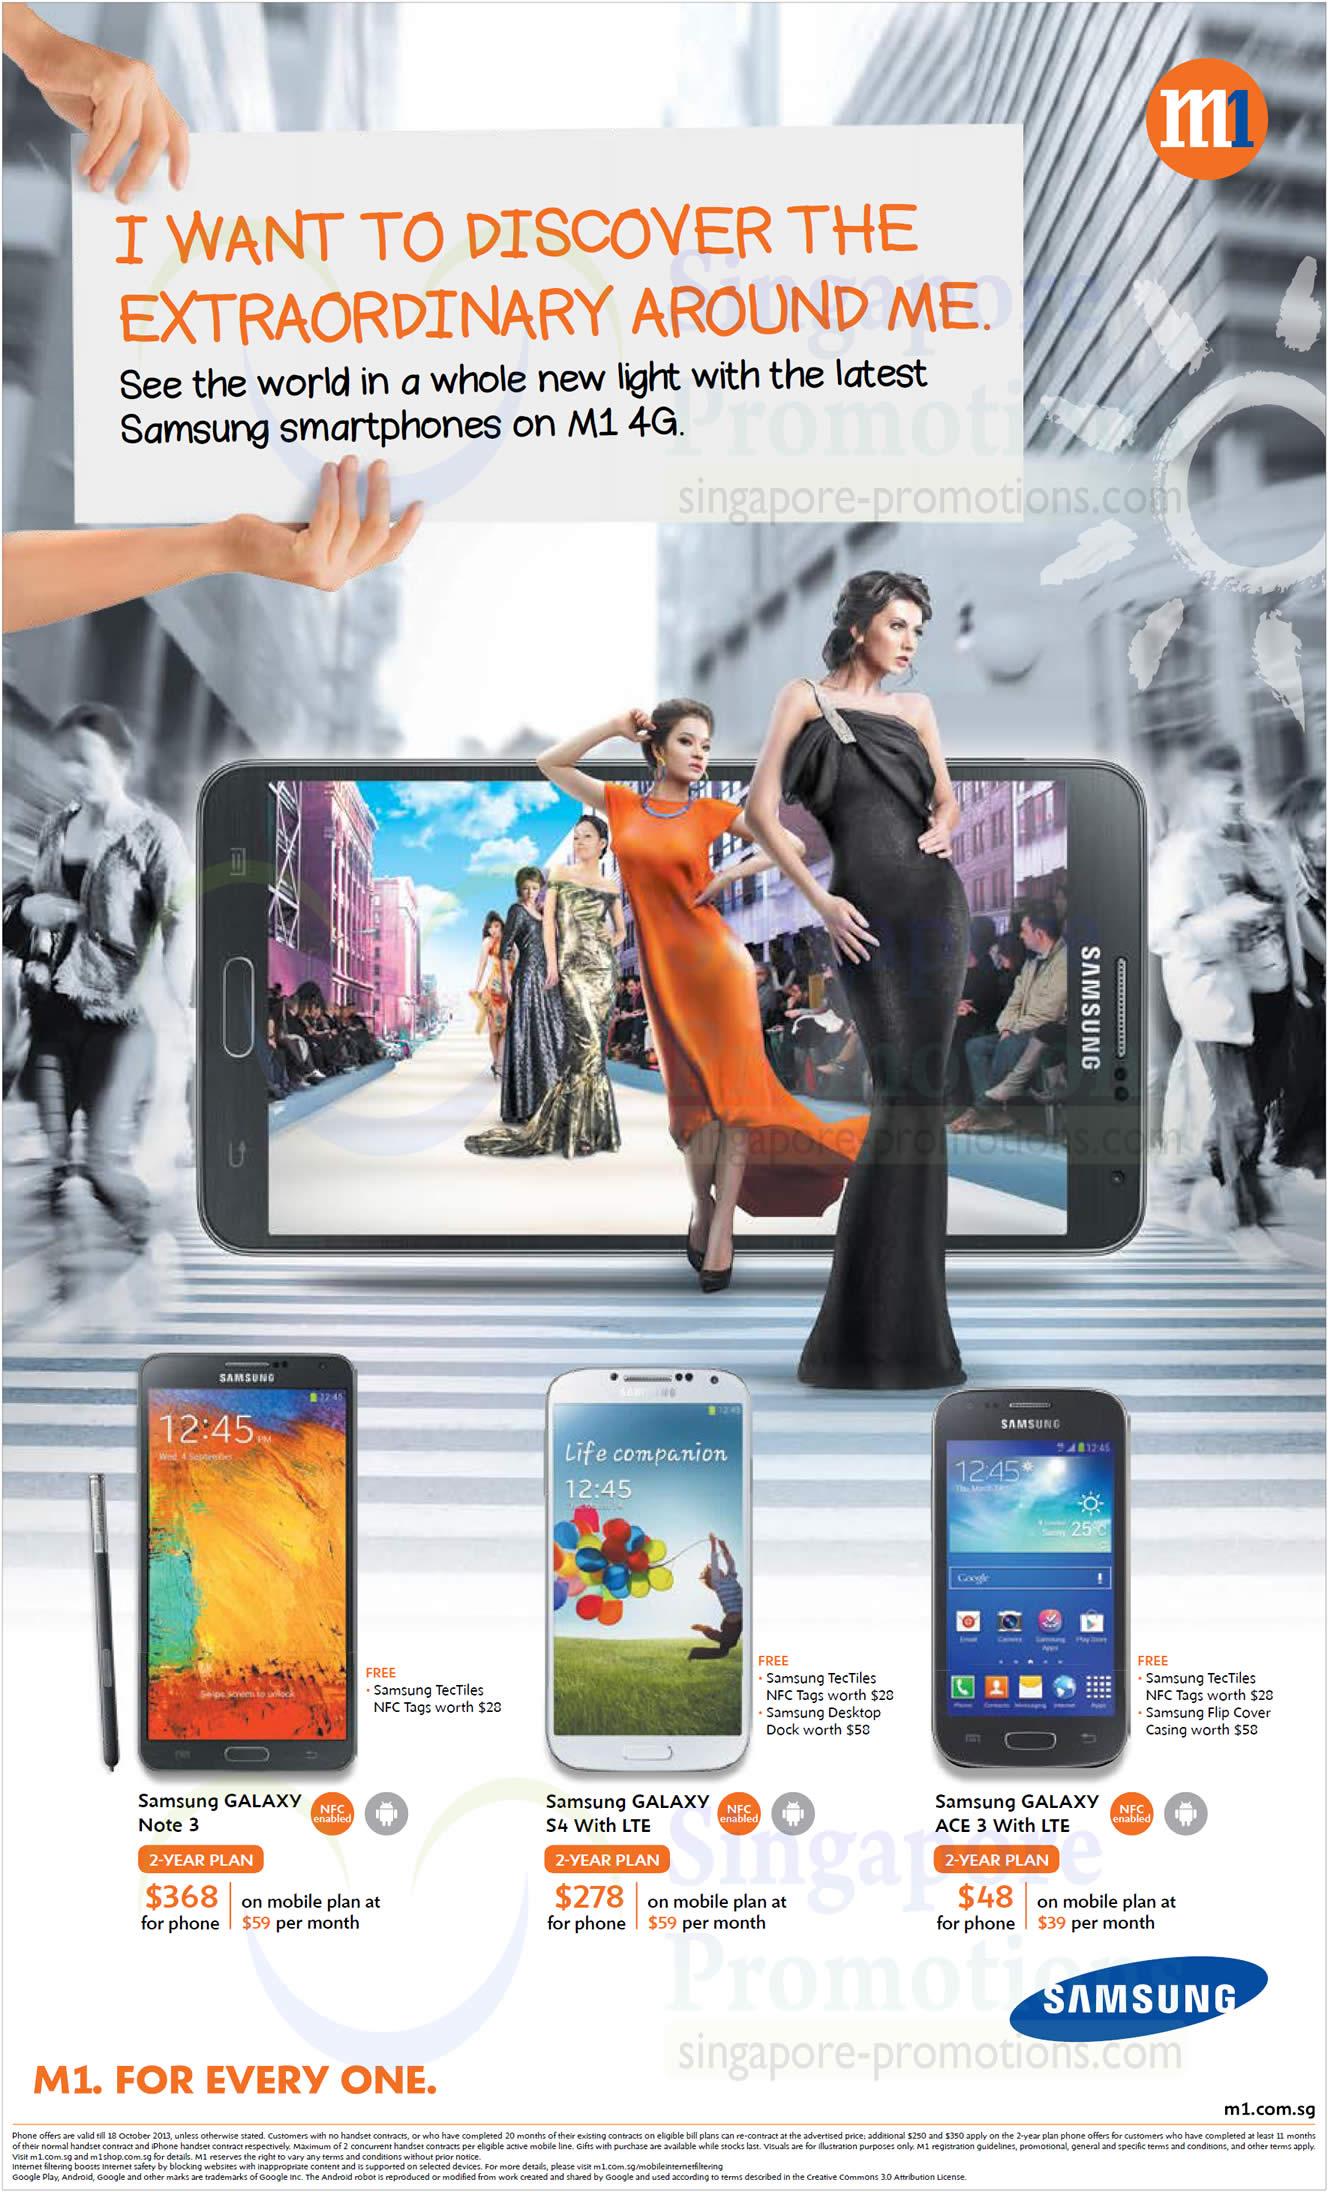 Samsung Galaxy Note 3, Samsung Galaxy S4, Samsung Galaxy Ace 3